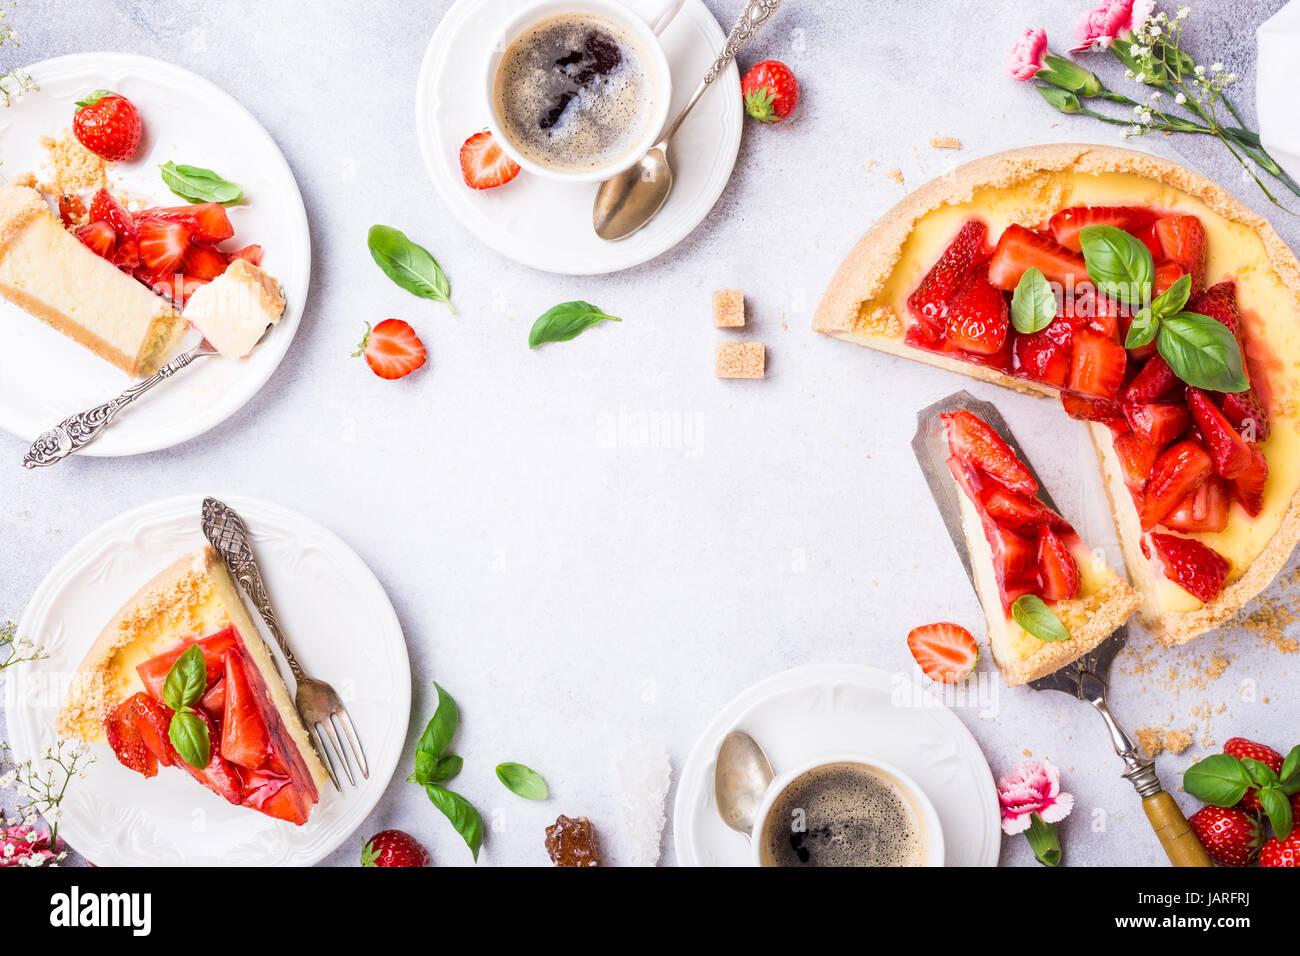 Mise à plat avec gâteau au fromage aux fraises Photo Stock